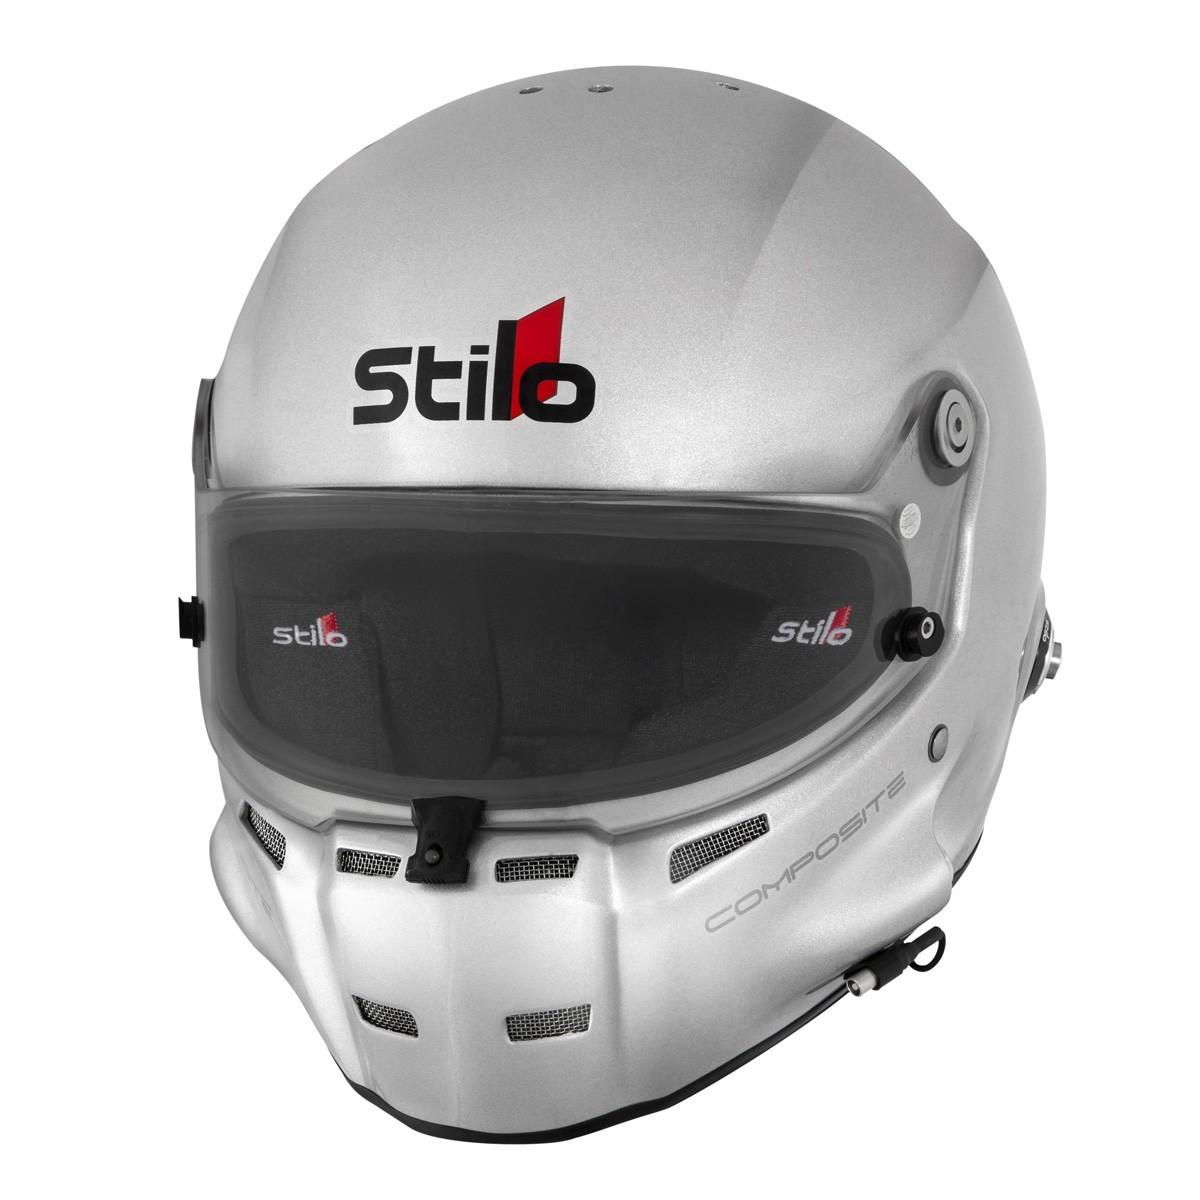 Simpson Racing Suits >> Stilo ST5 GT Composite SA2015 Helmet - NaroEscape Motorsports